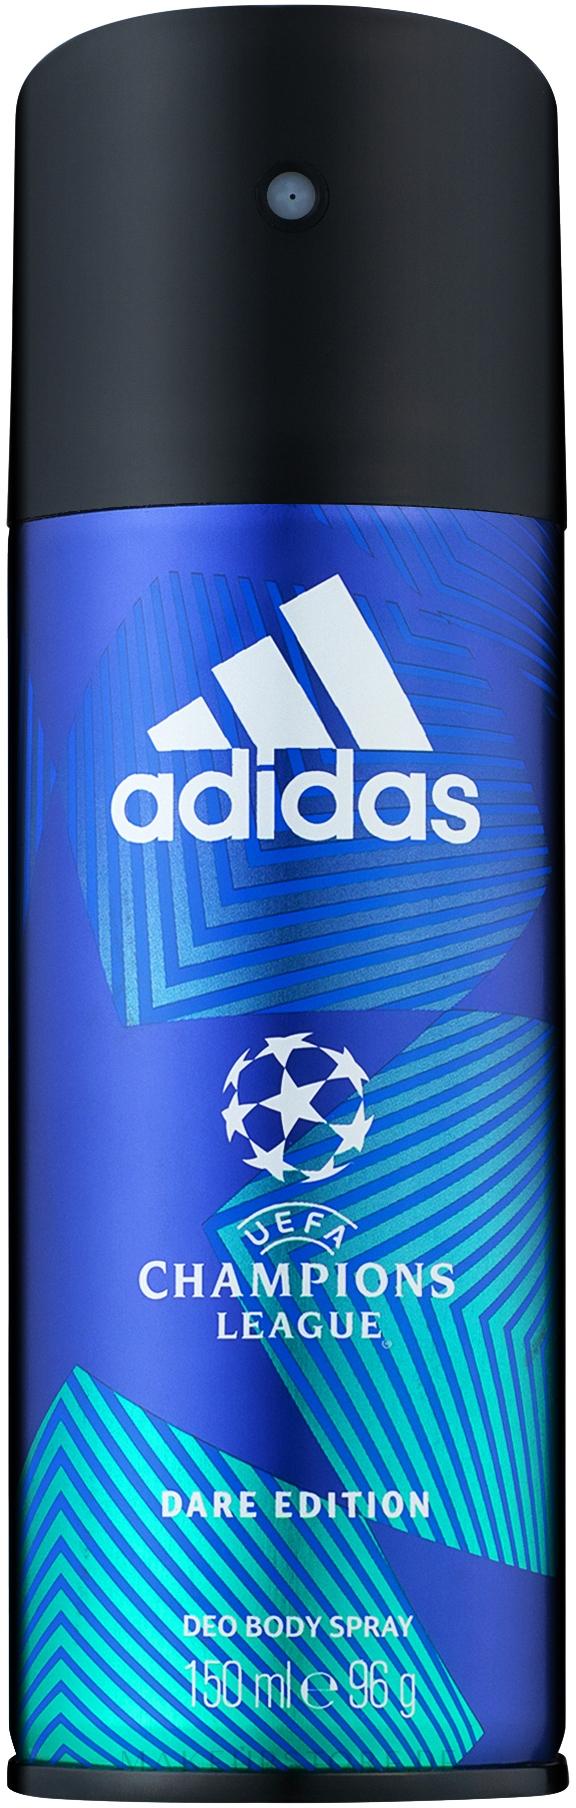 Adidas UEFA Champions League Dare Edition Deo Body Spray - Deospray — Bild 150 ml